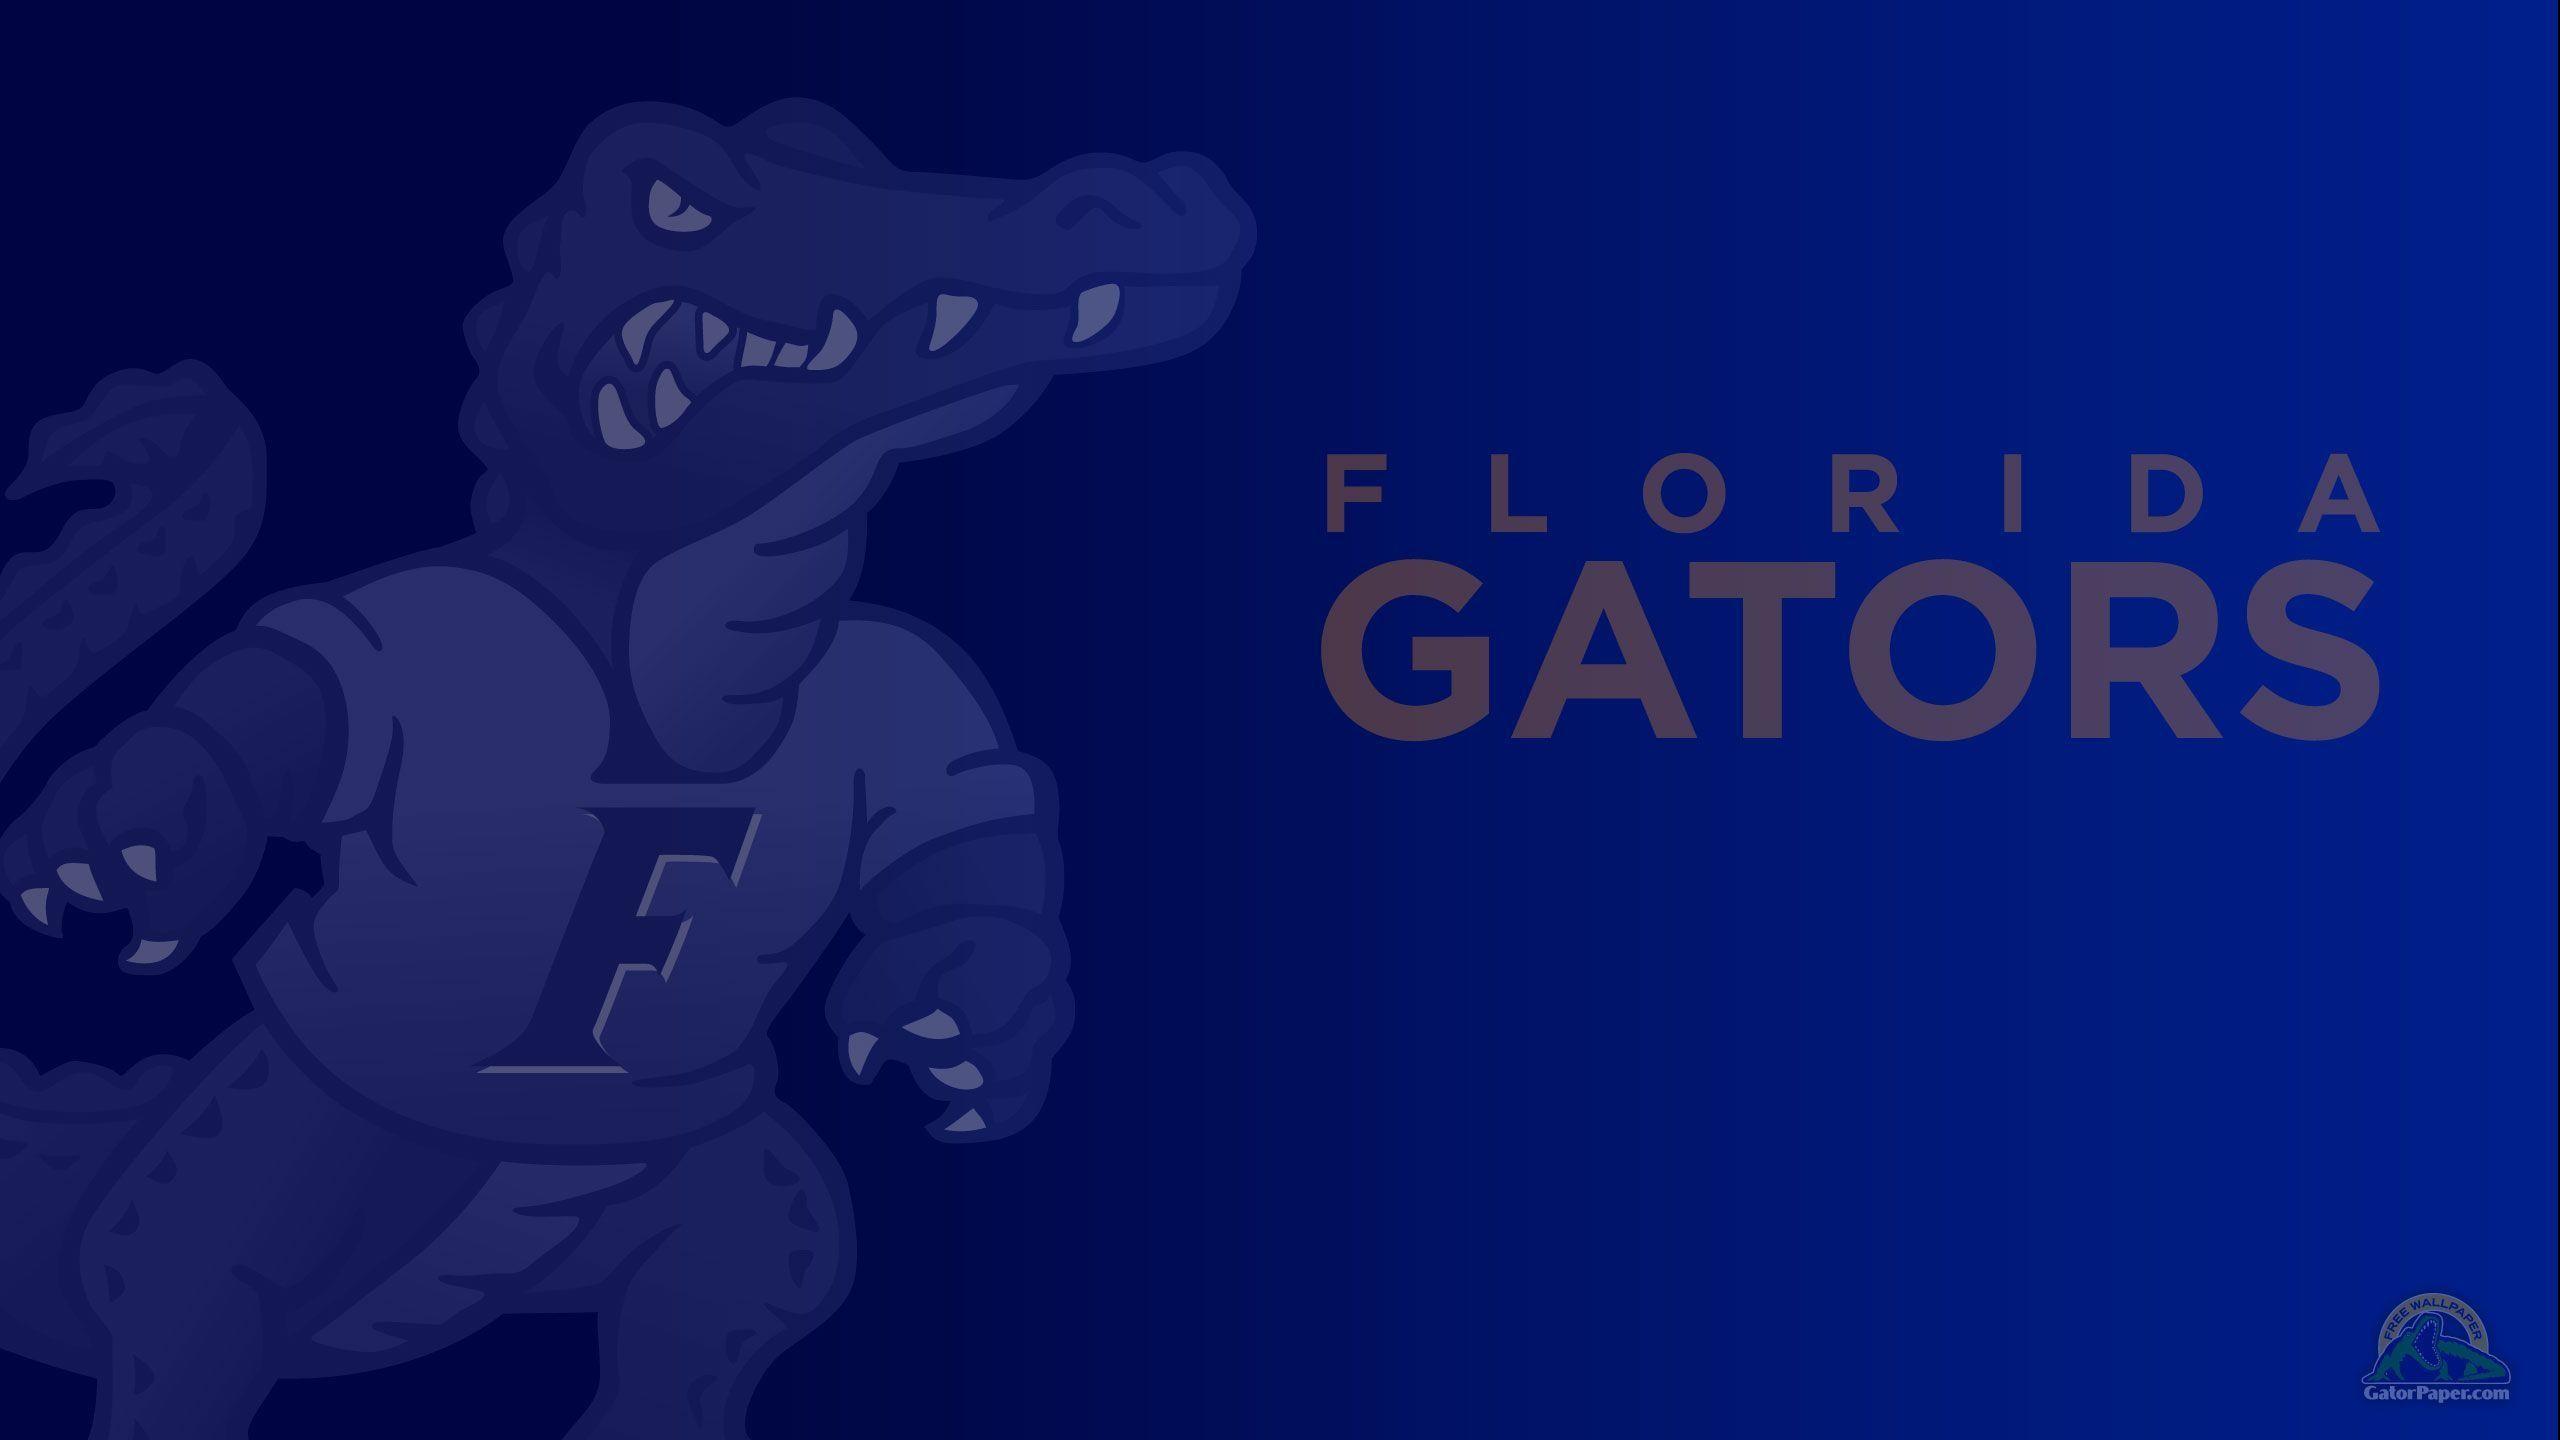 Florida gator screensaver